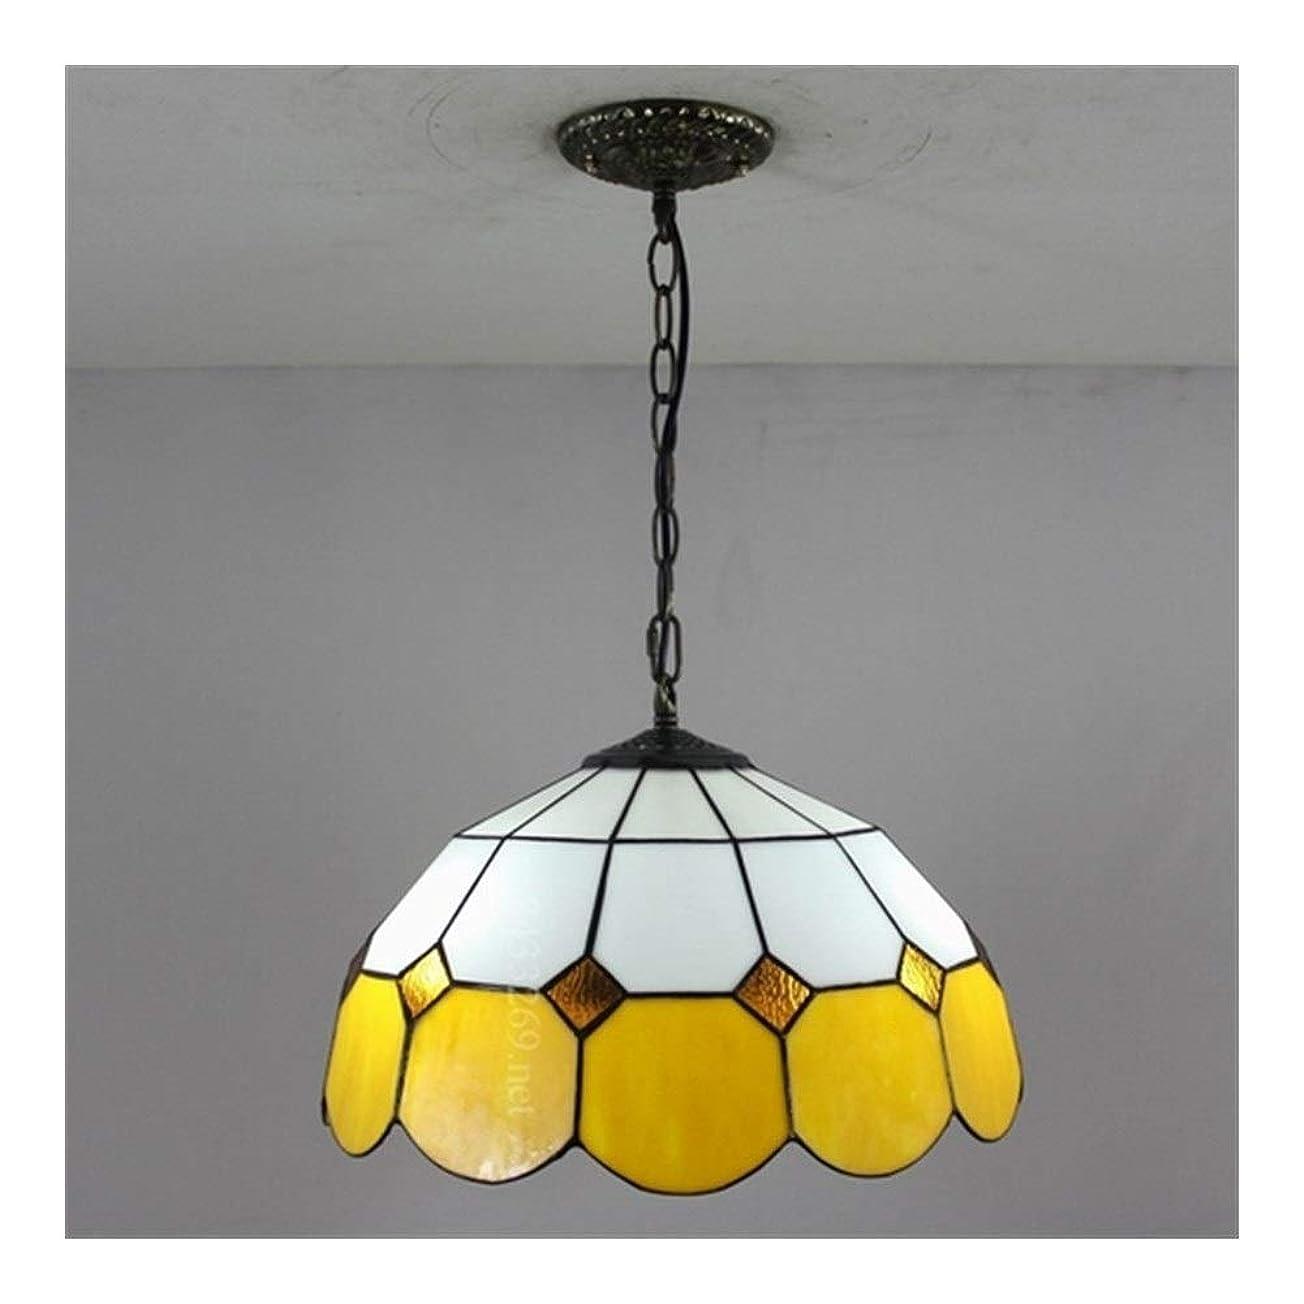 アジャかご以内に16インチのハンドメイドの現代ステンドグラスのシャンデリア、家の装飾のための着色されたガラス設計のティファニーのシャンデリアランプ